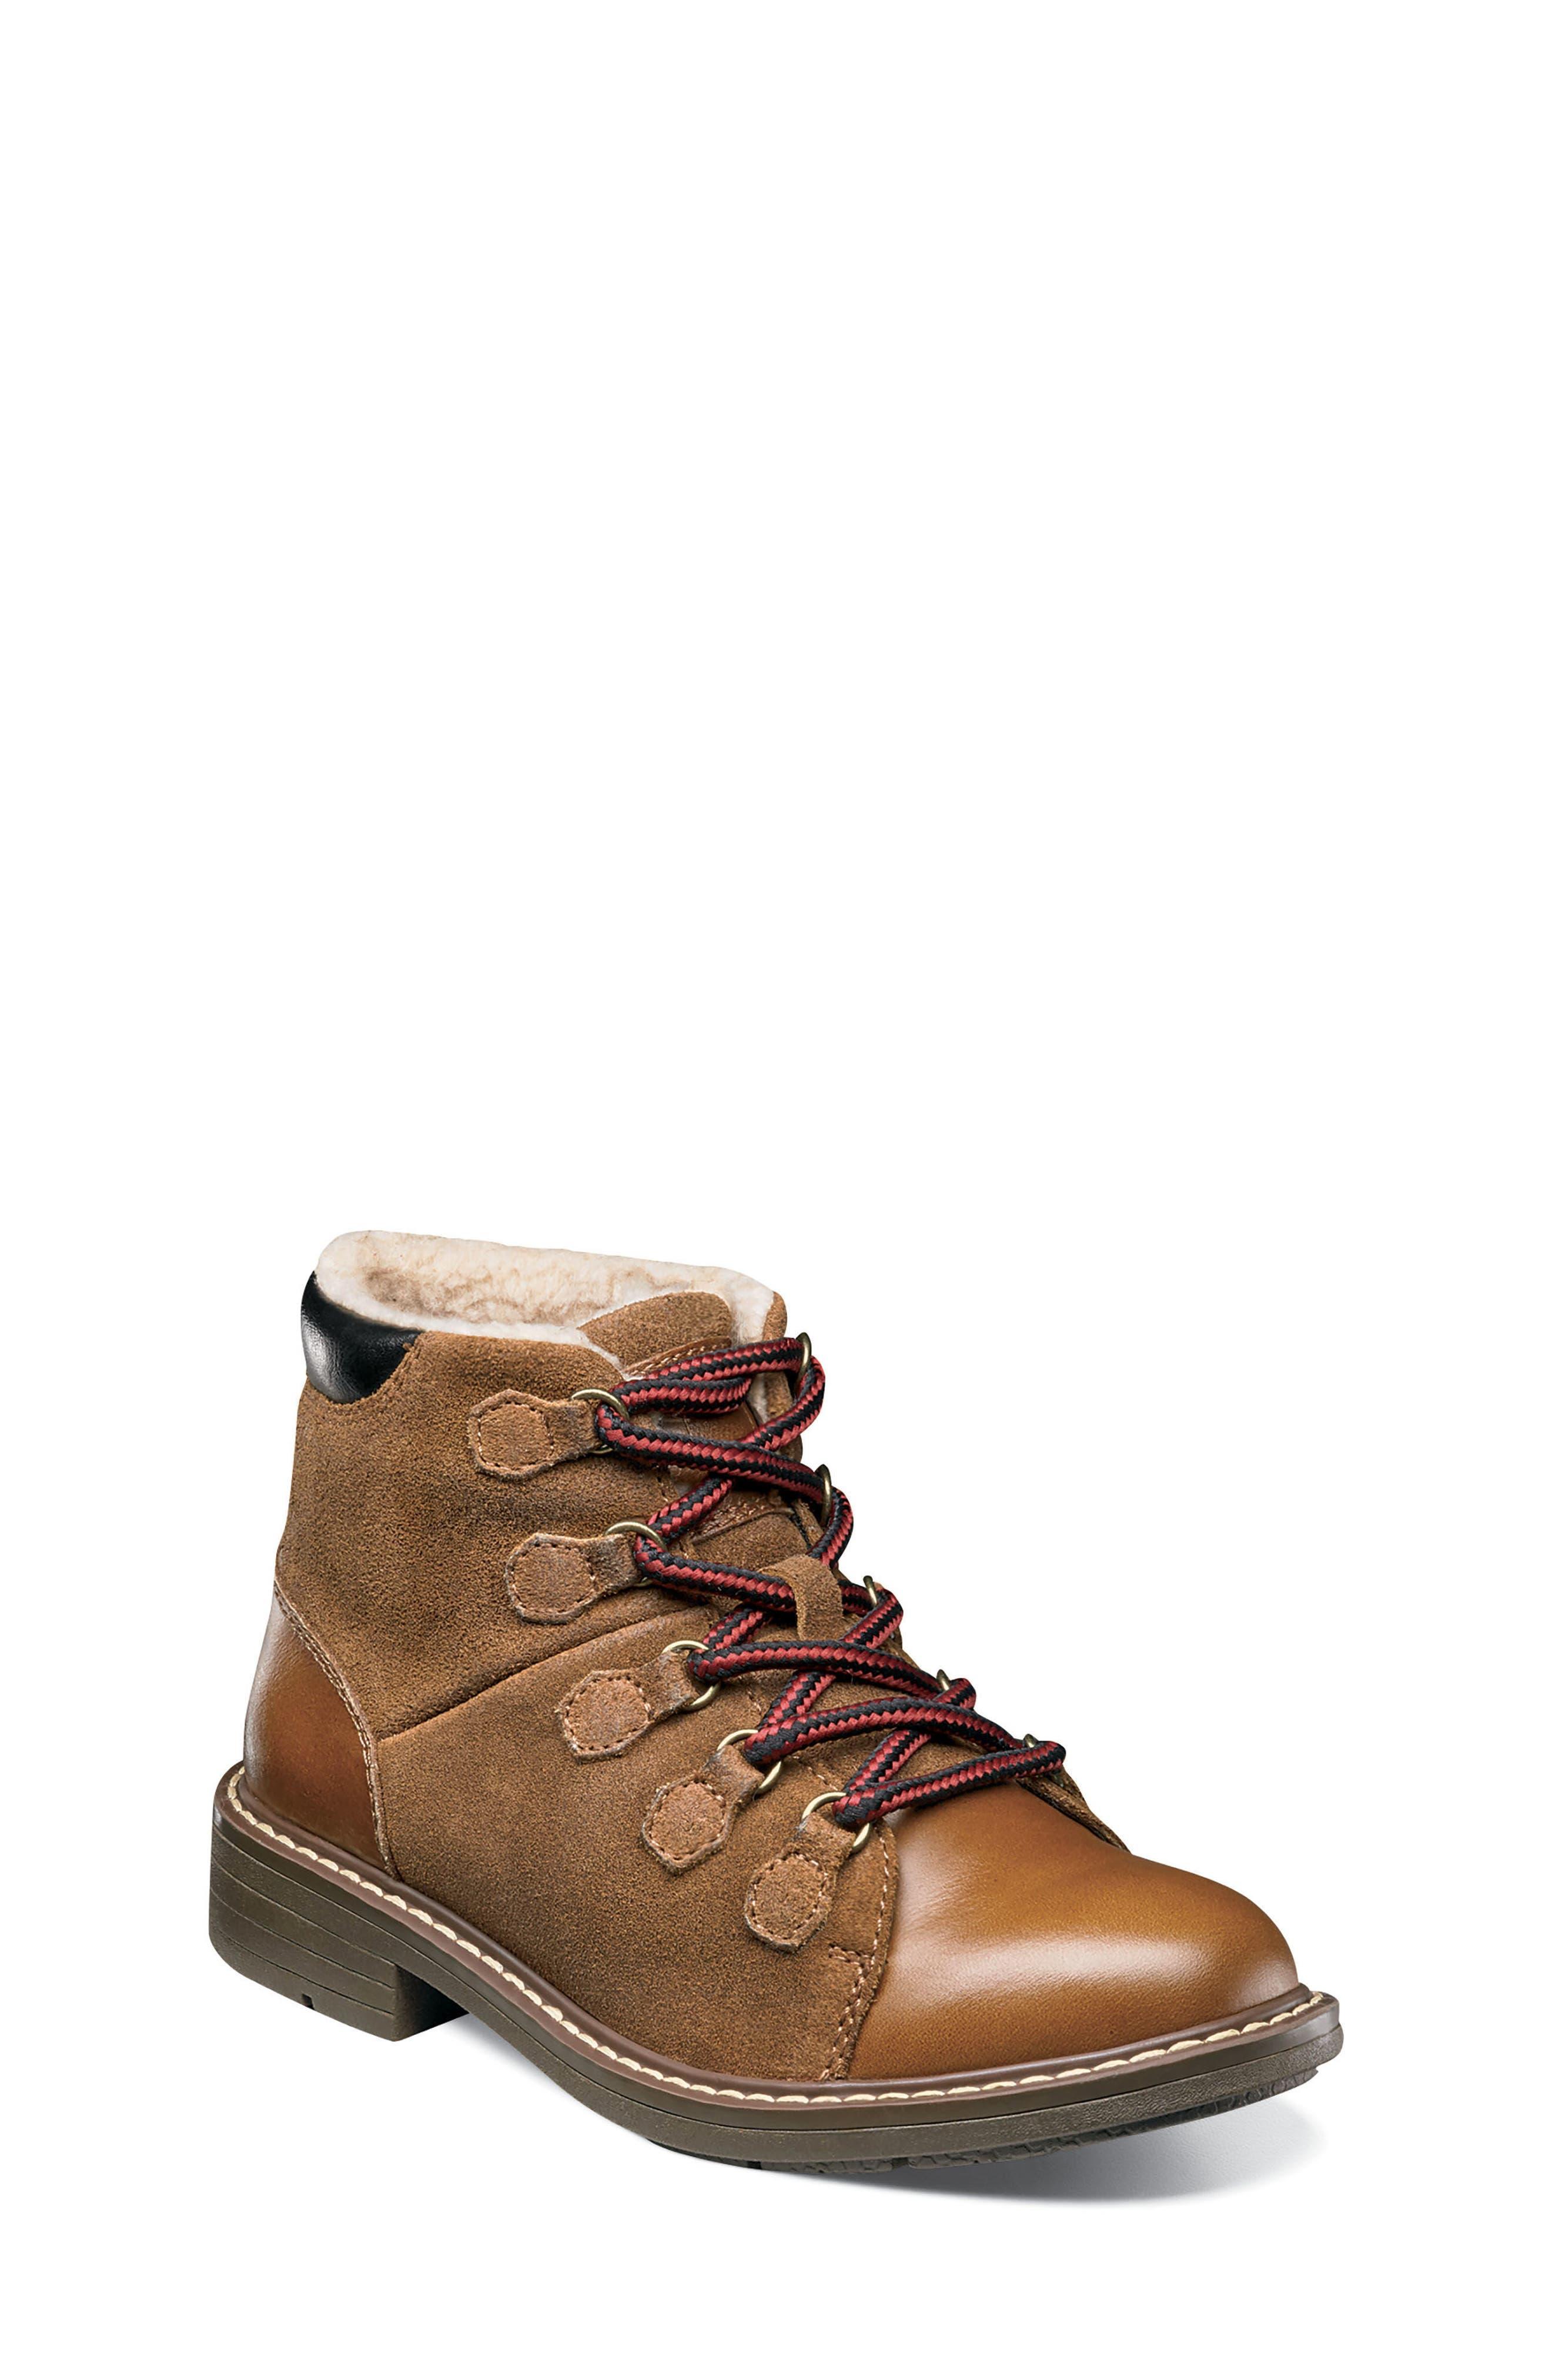 Studio Alpine Plush Lined Boot,                             Main thumbnail 1, color,                             Cognac